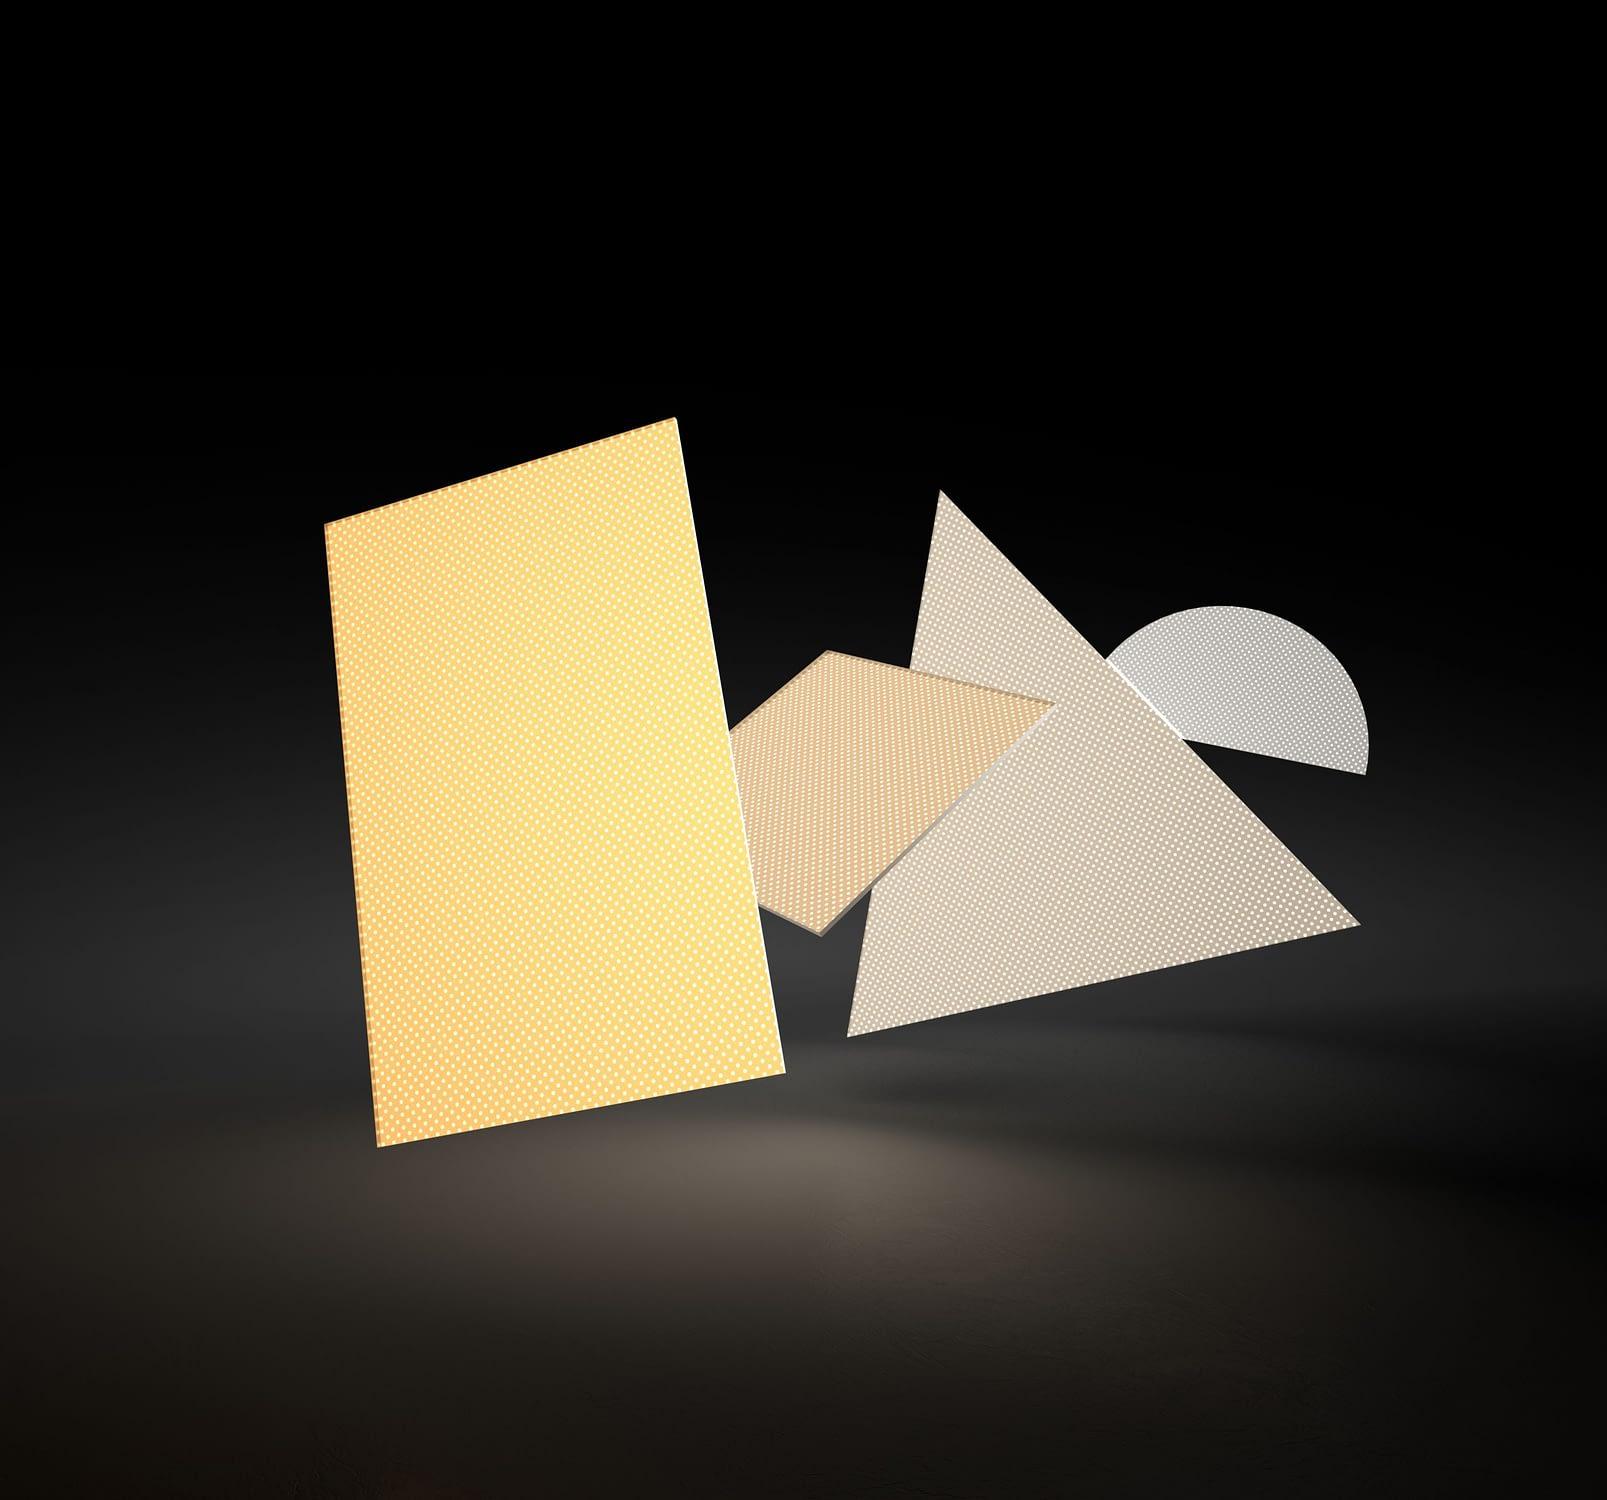 paneles de luz triangulares